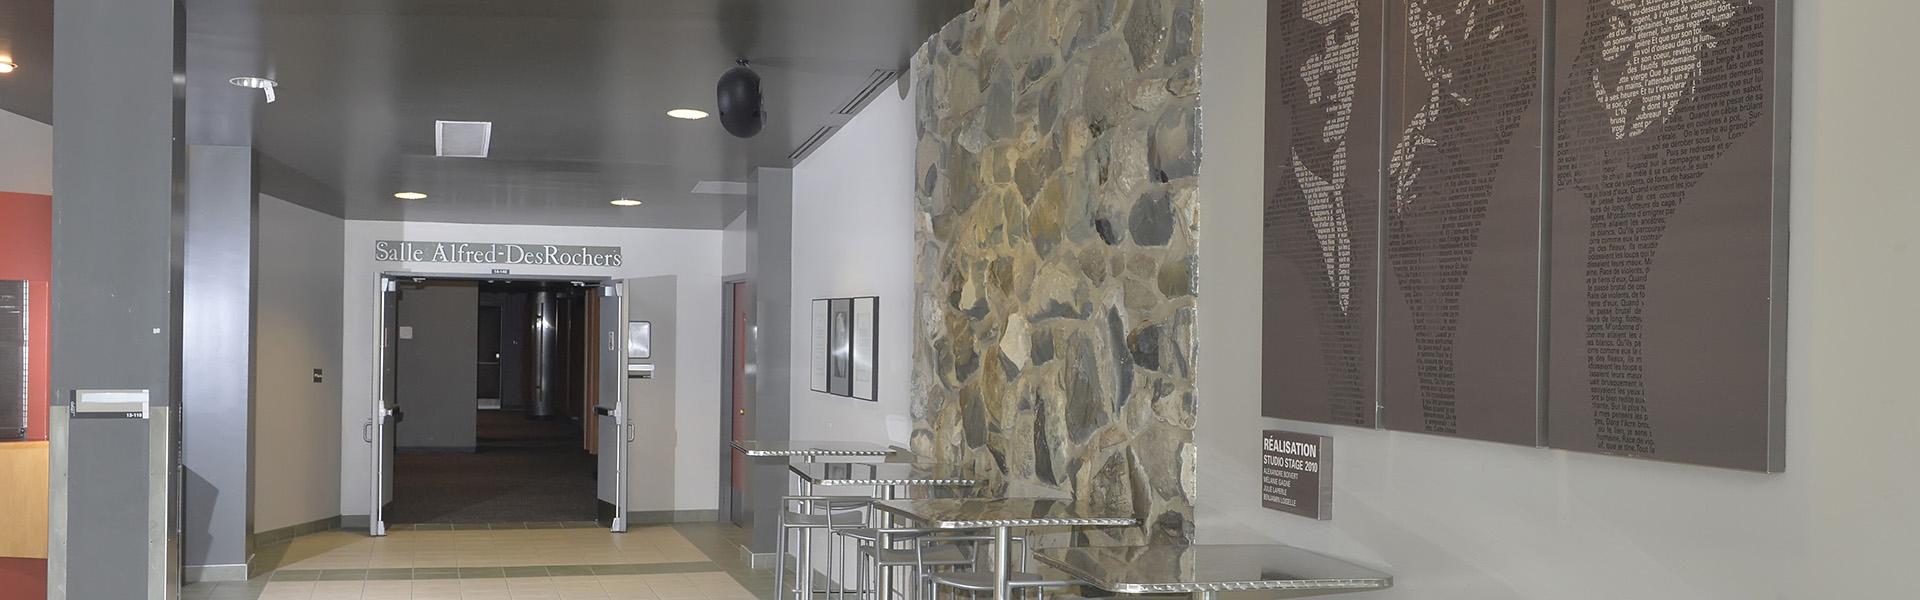 Vue de l'entrée principale de la salle près de la billetterie.